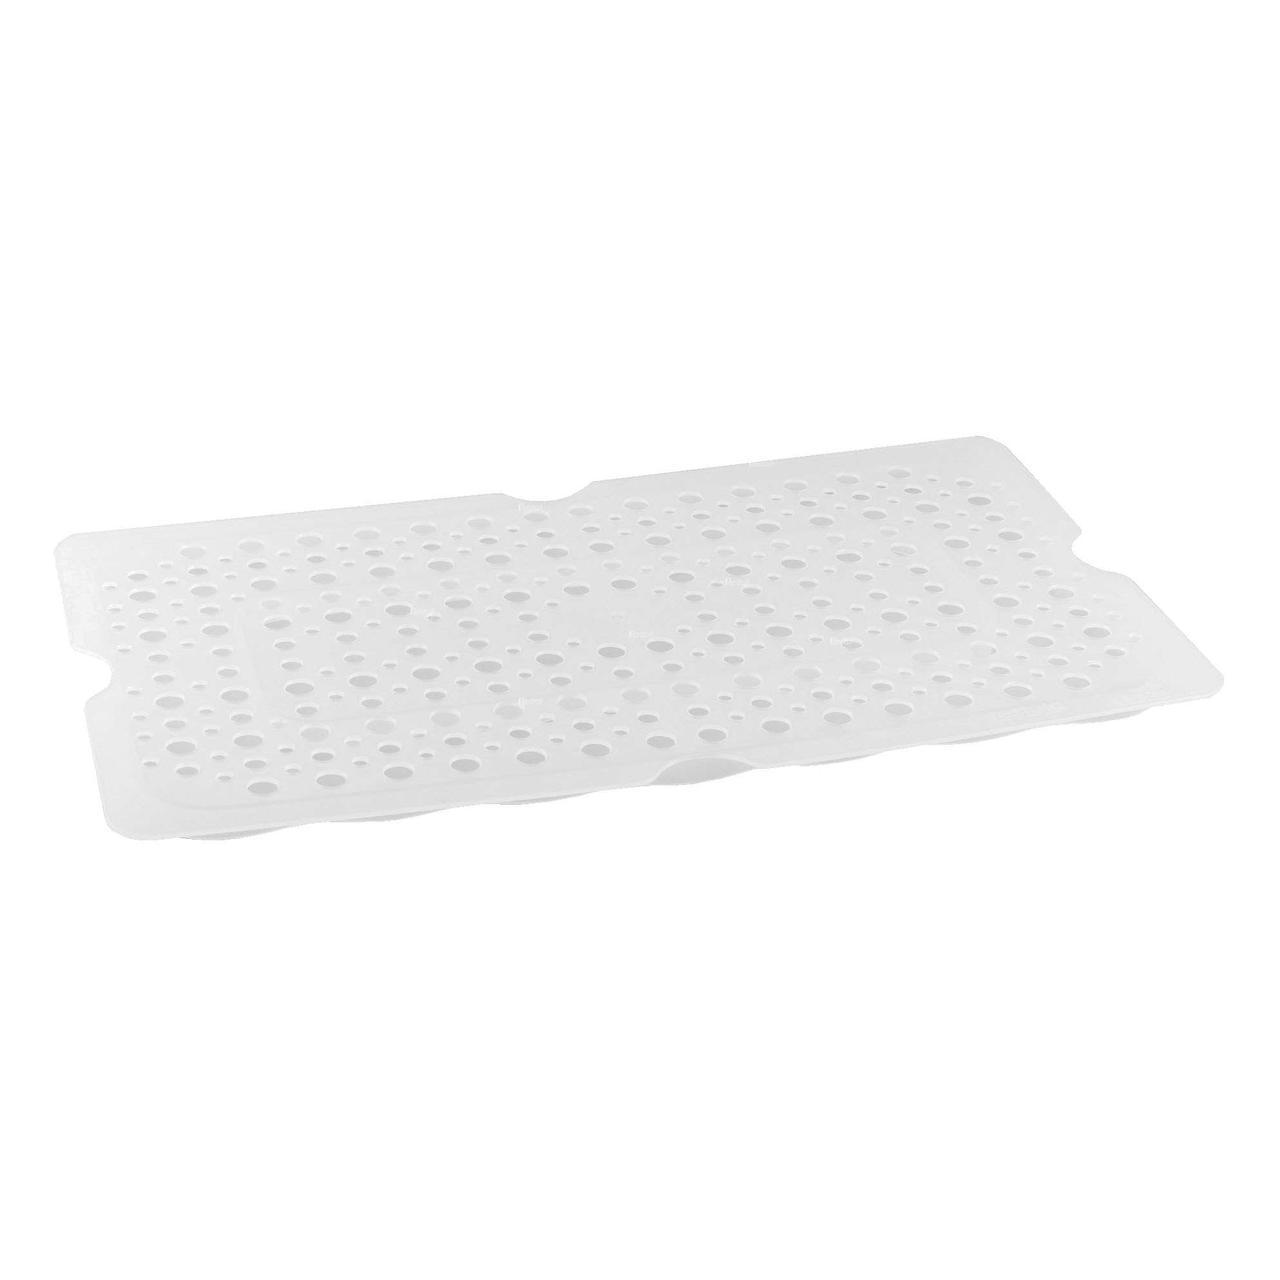 Решетка для гастроёмкости Restola 1/2, прозрачный - 8 шт/уп